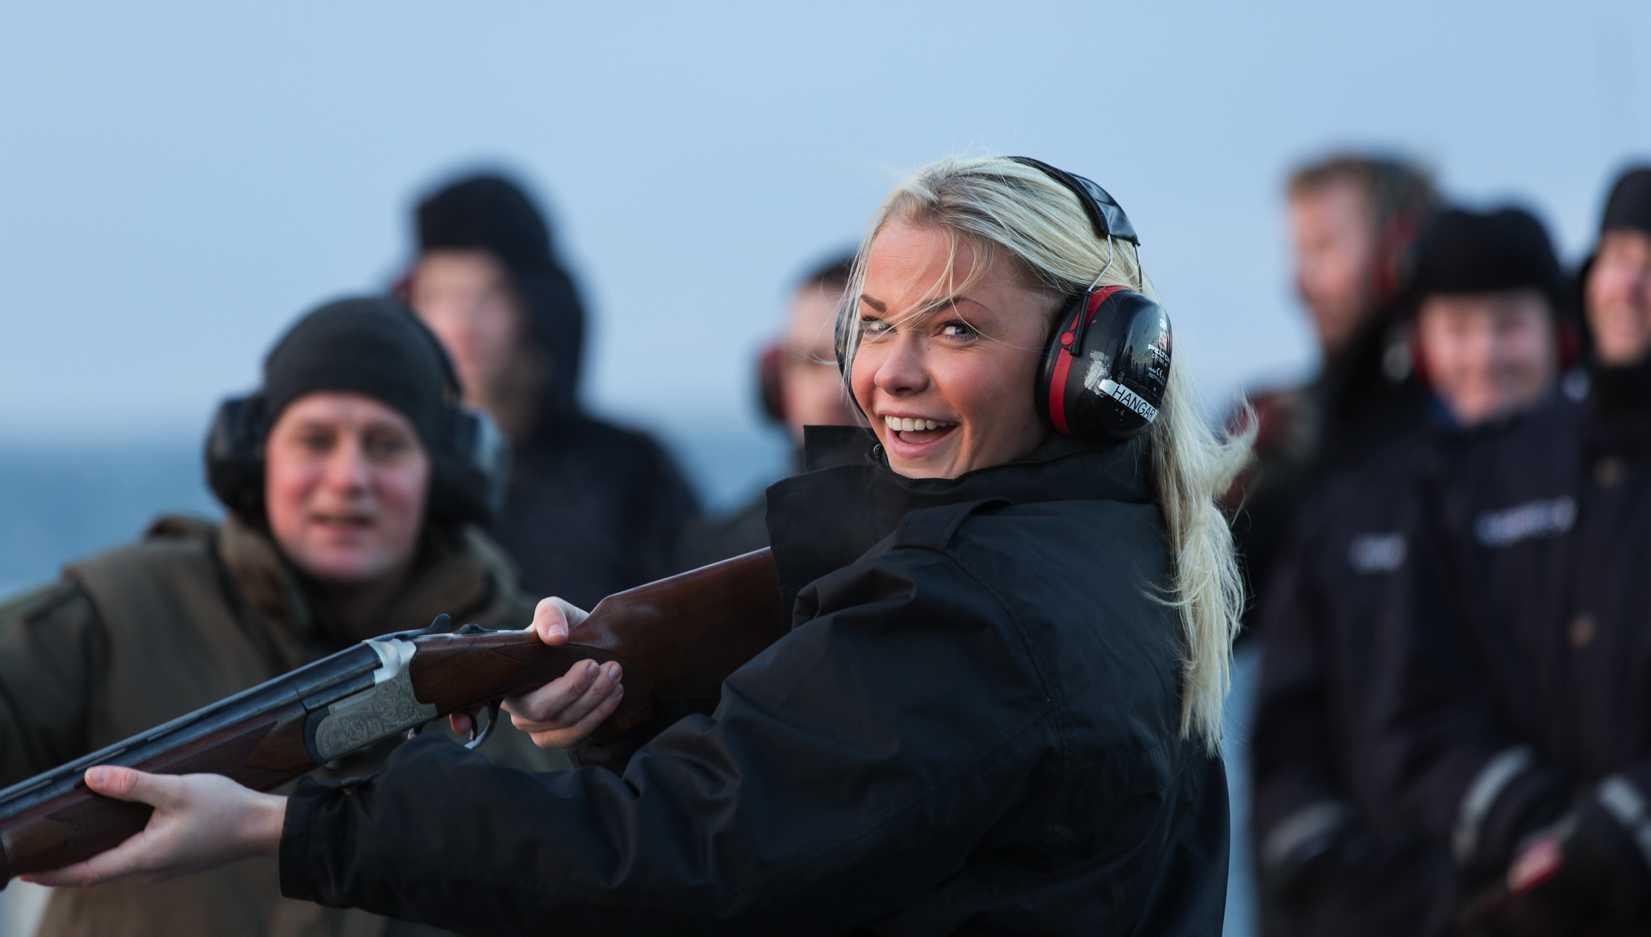 Shotgun firing on board KV Svalbard, the Norwegian Navy's largest vessel.